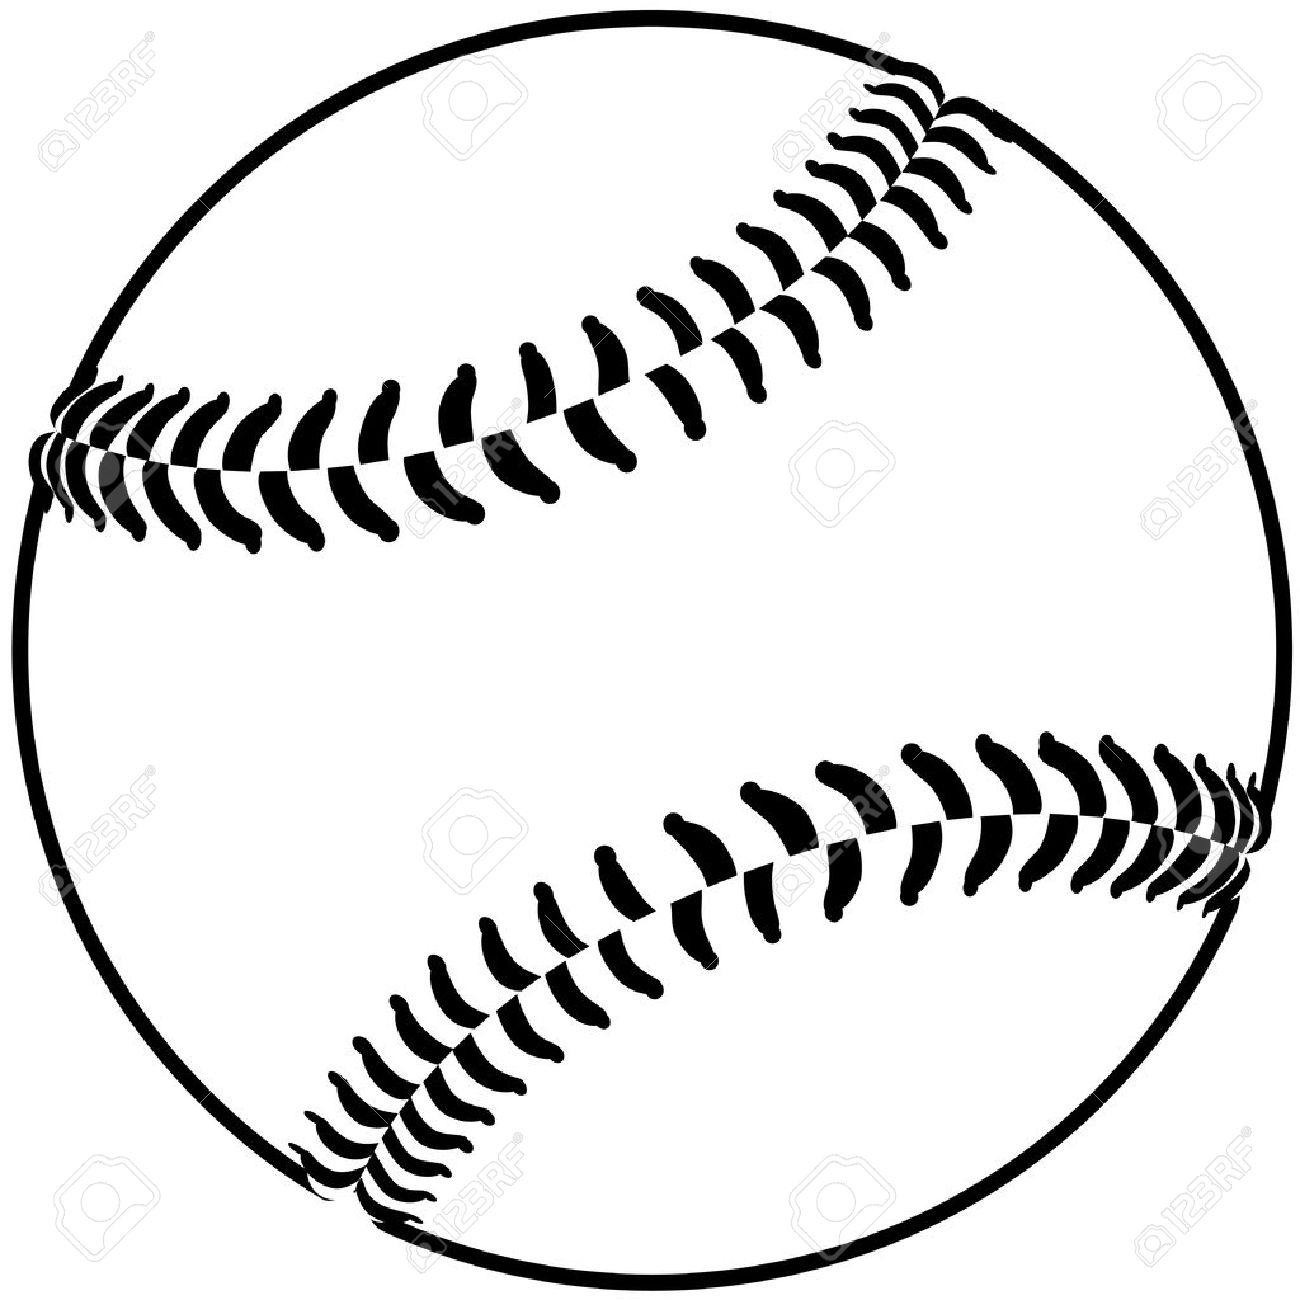 Yellow Softball Image Softball Image of a Baseball